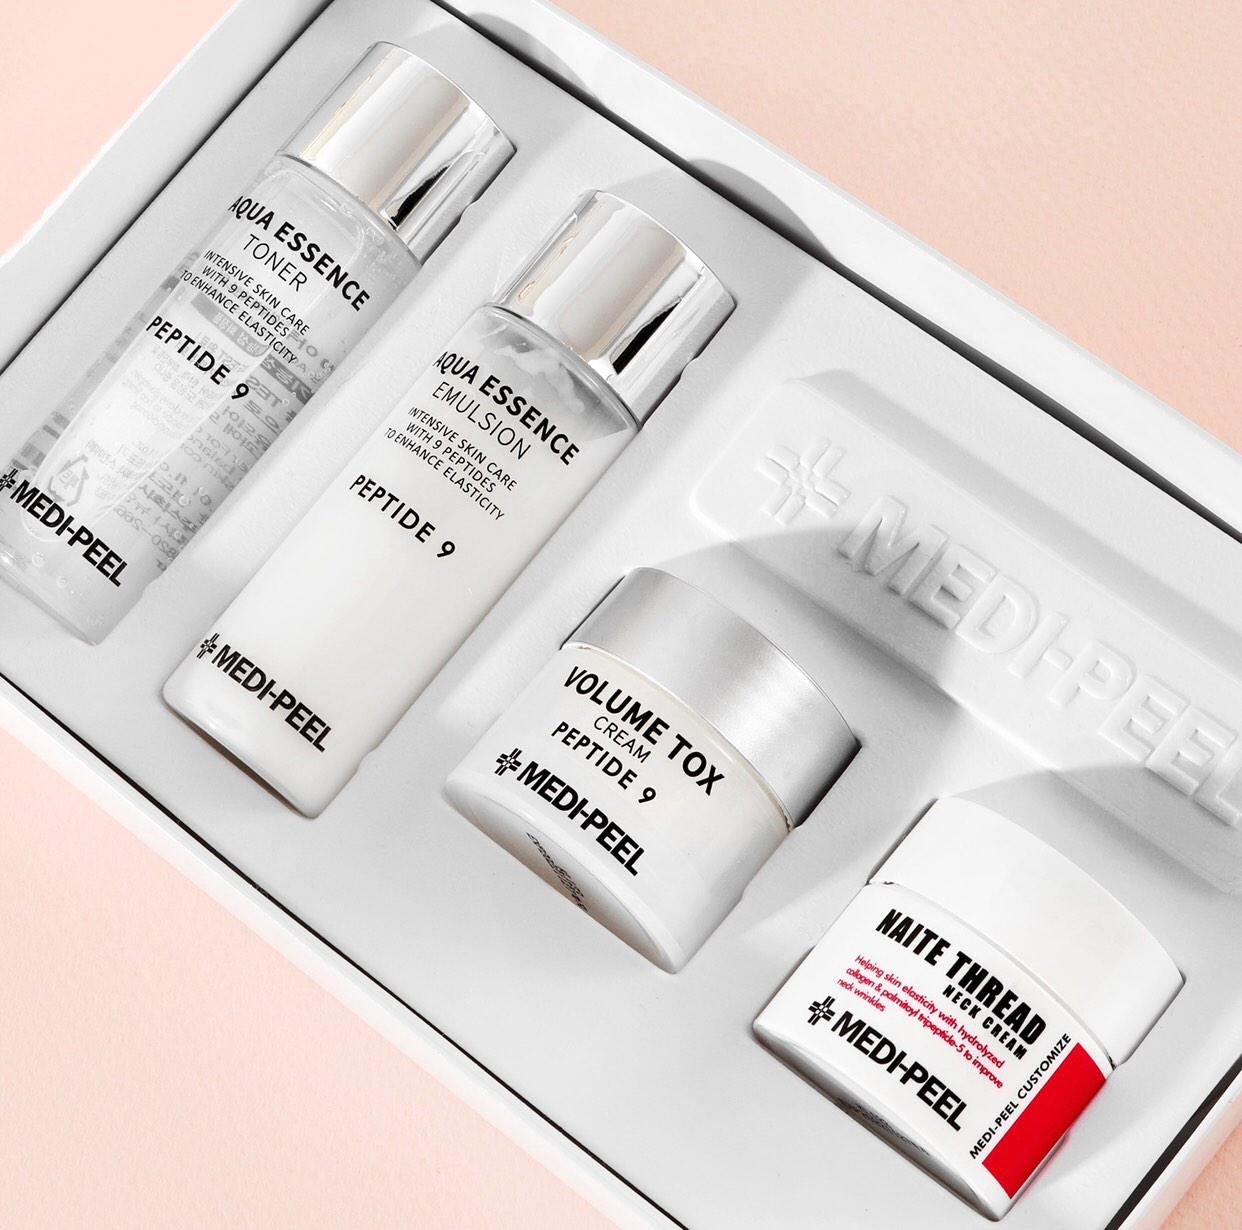 Medi Peel Peptide 9 Skincare Trial Kit